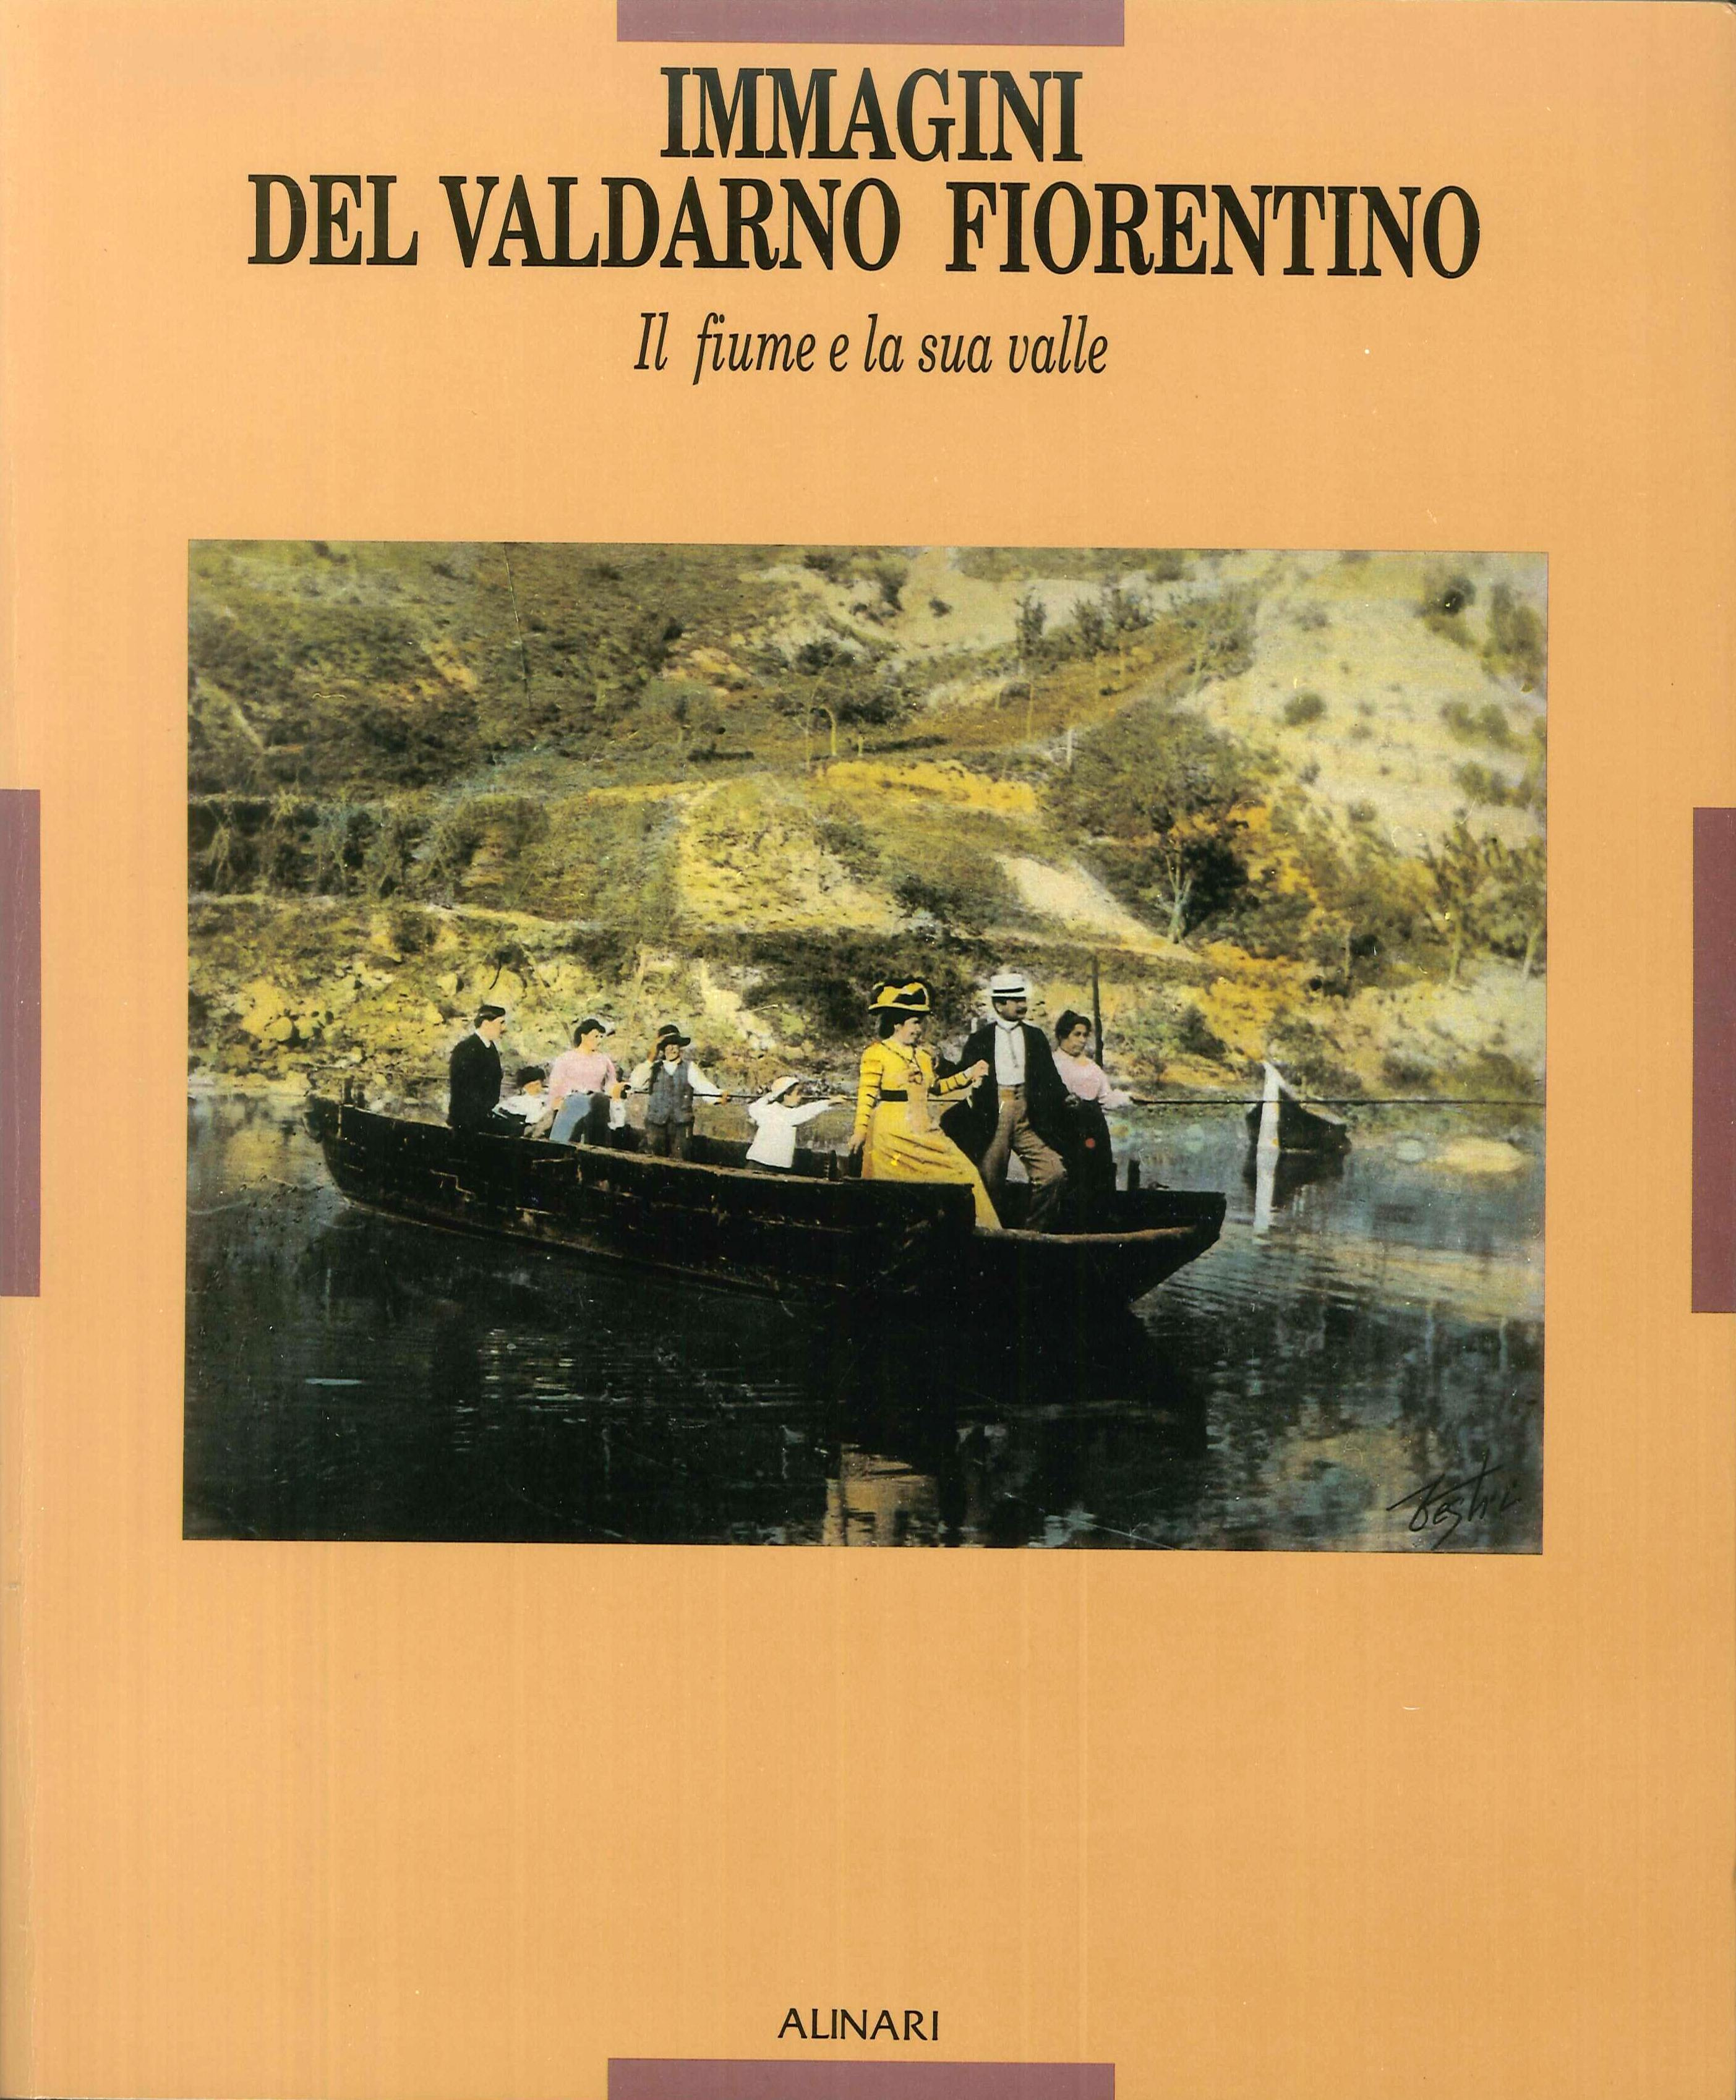 Immagini del Valdarno fiorentino. Il fiume e la sua valle